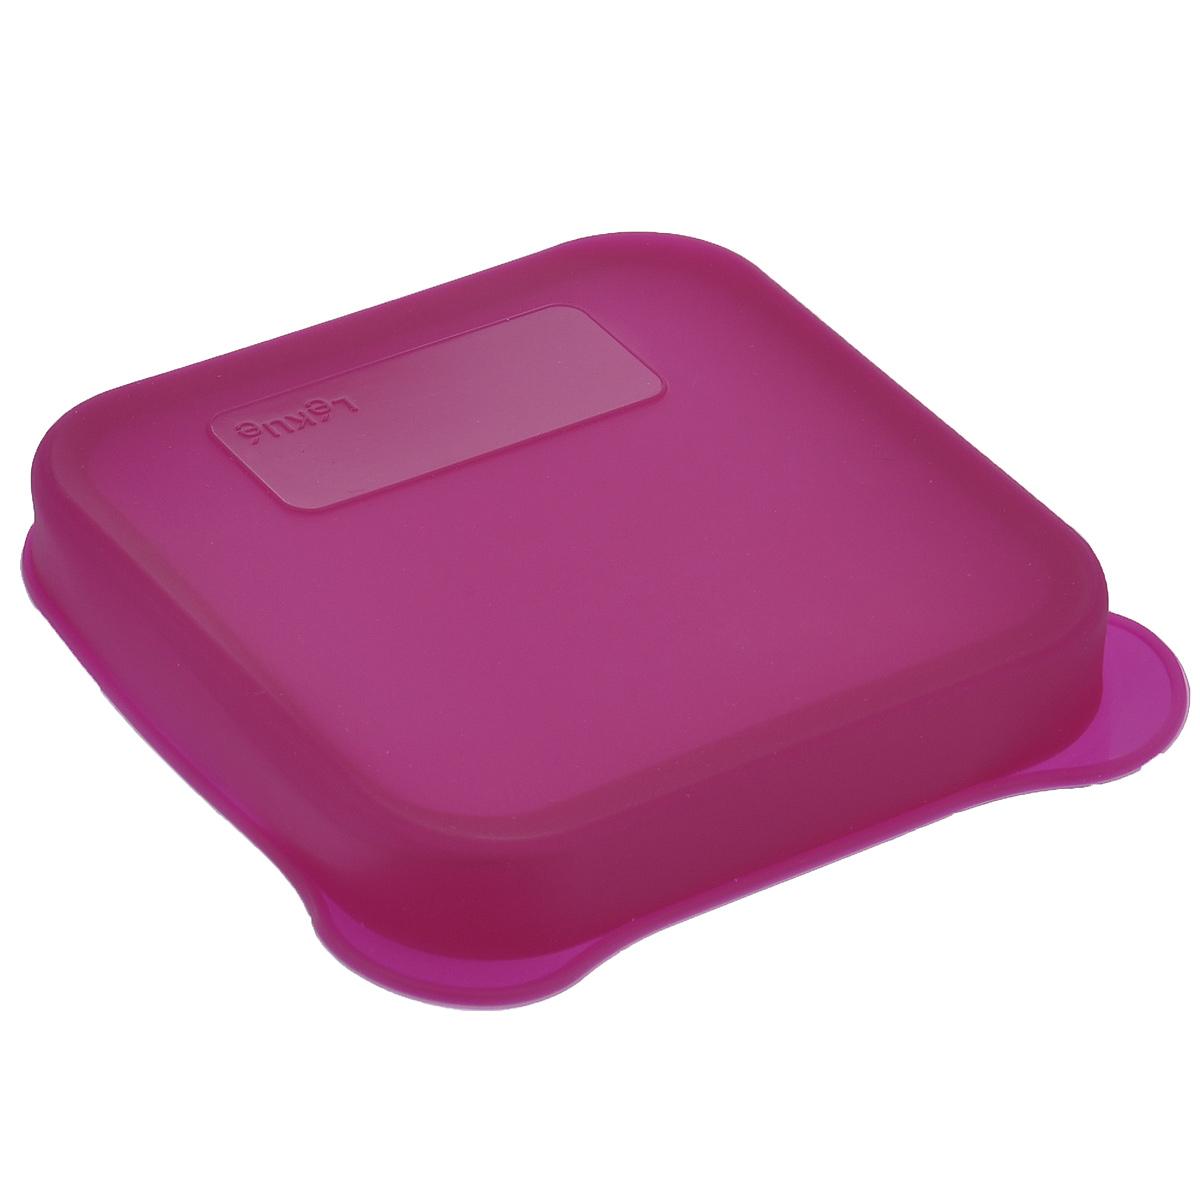 Бутербродница Lekue, цвет: фуксия, 17 х 16 х 2,5 см3401700R15U008Бутербродница Lekue прекрасно подойдет для хранения и переноски бутербродов и другой еды. Бутербродница выполнена из безопасного силикона и имеет место для записей, которые легко смоются водой. Она выдерживает высокие и низкие температуры (от -60°С до +220°С). Бутербродница пригодна для мытья в посудомоечной машине.